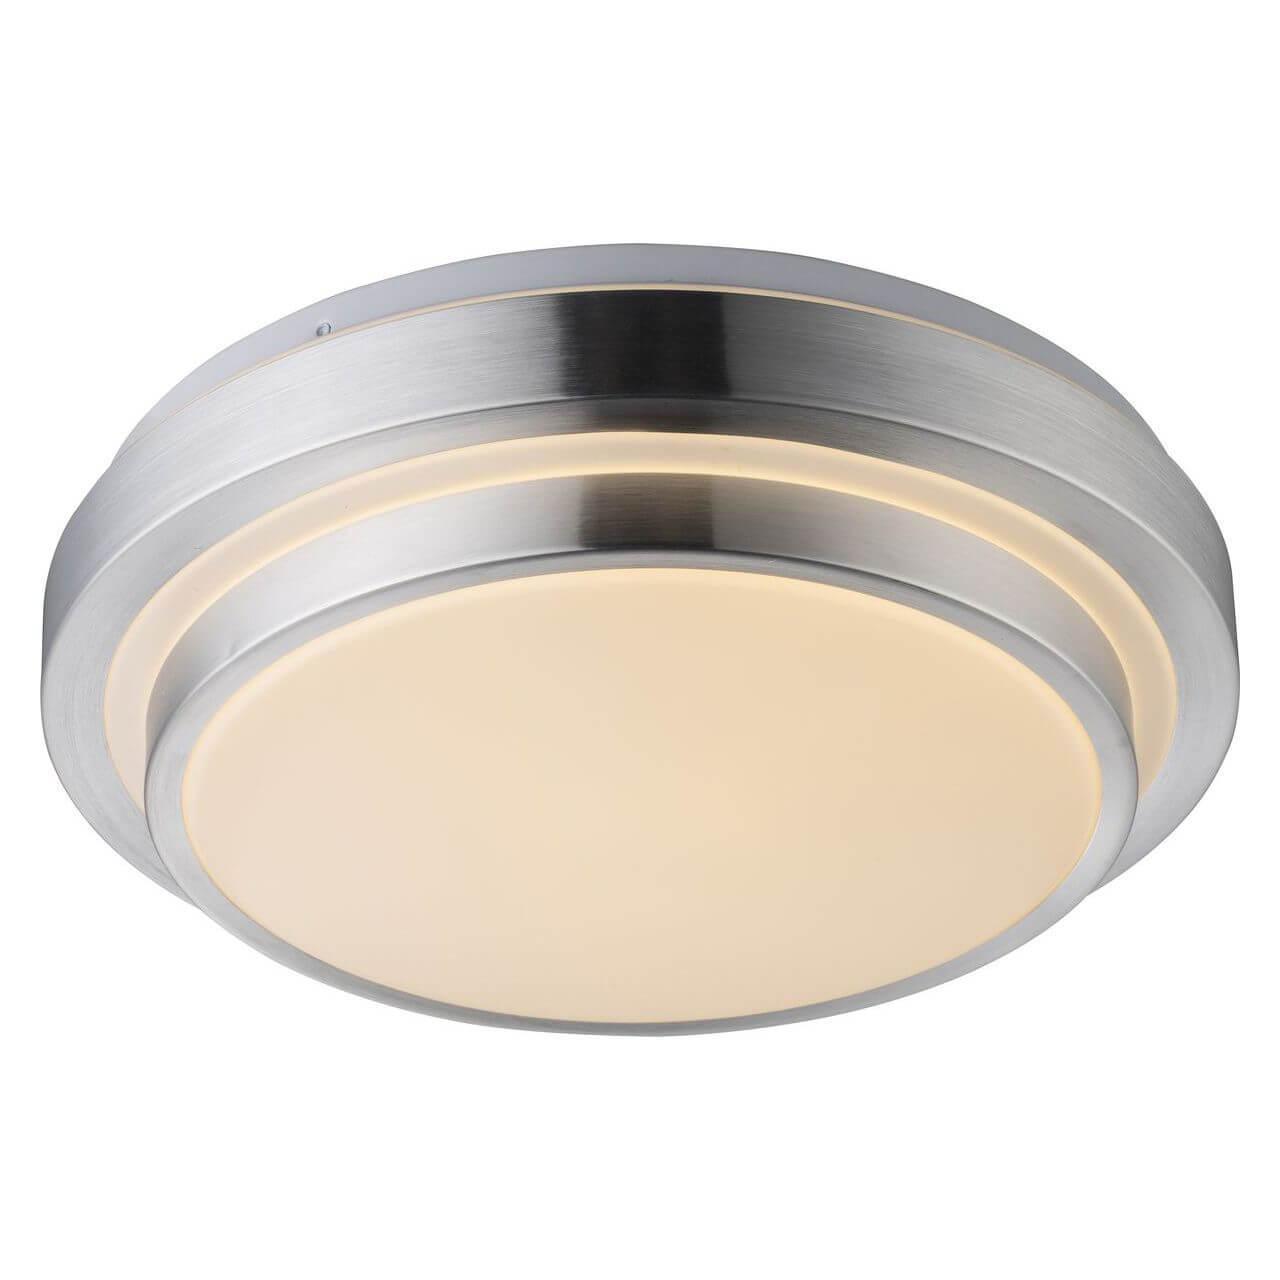 Накладной светильник 41738-18, LED, 18 Вт накладной светильник globo tessa i 40595